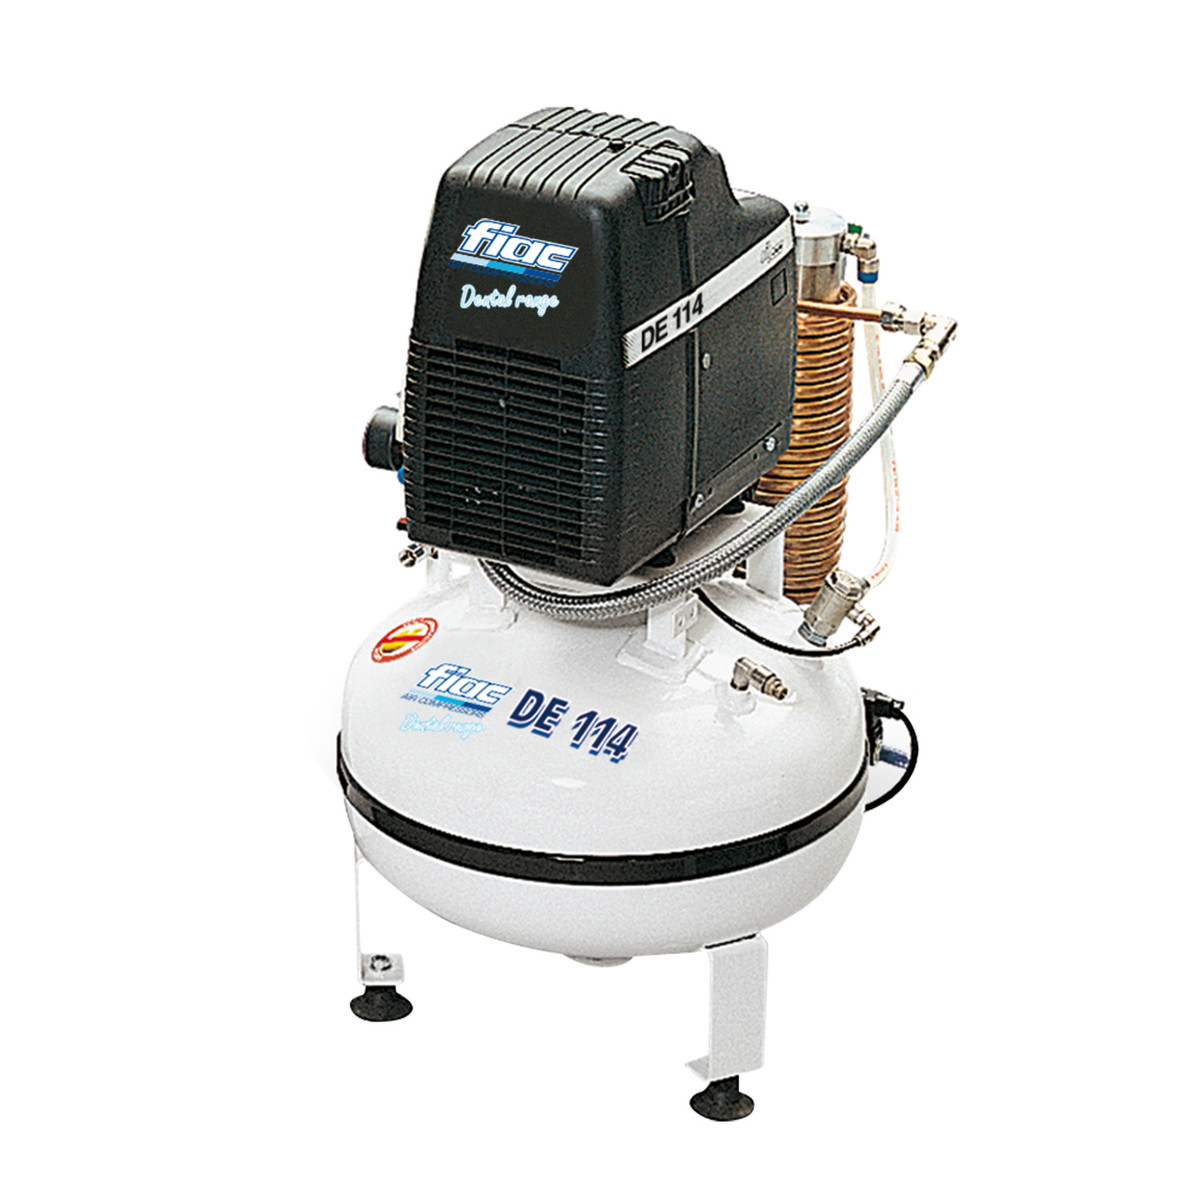 Fiac super silent 59 compressore prezzo e offerte sottocosto for Motore tapparelle leroy merlin